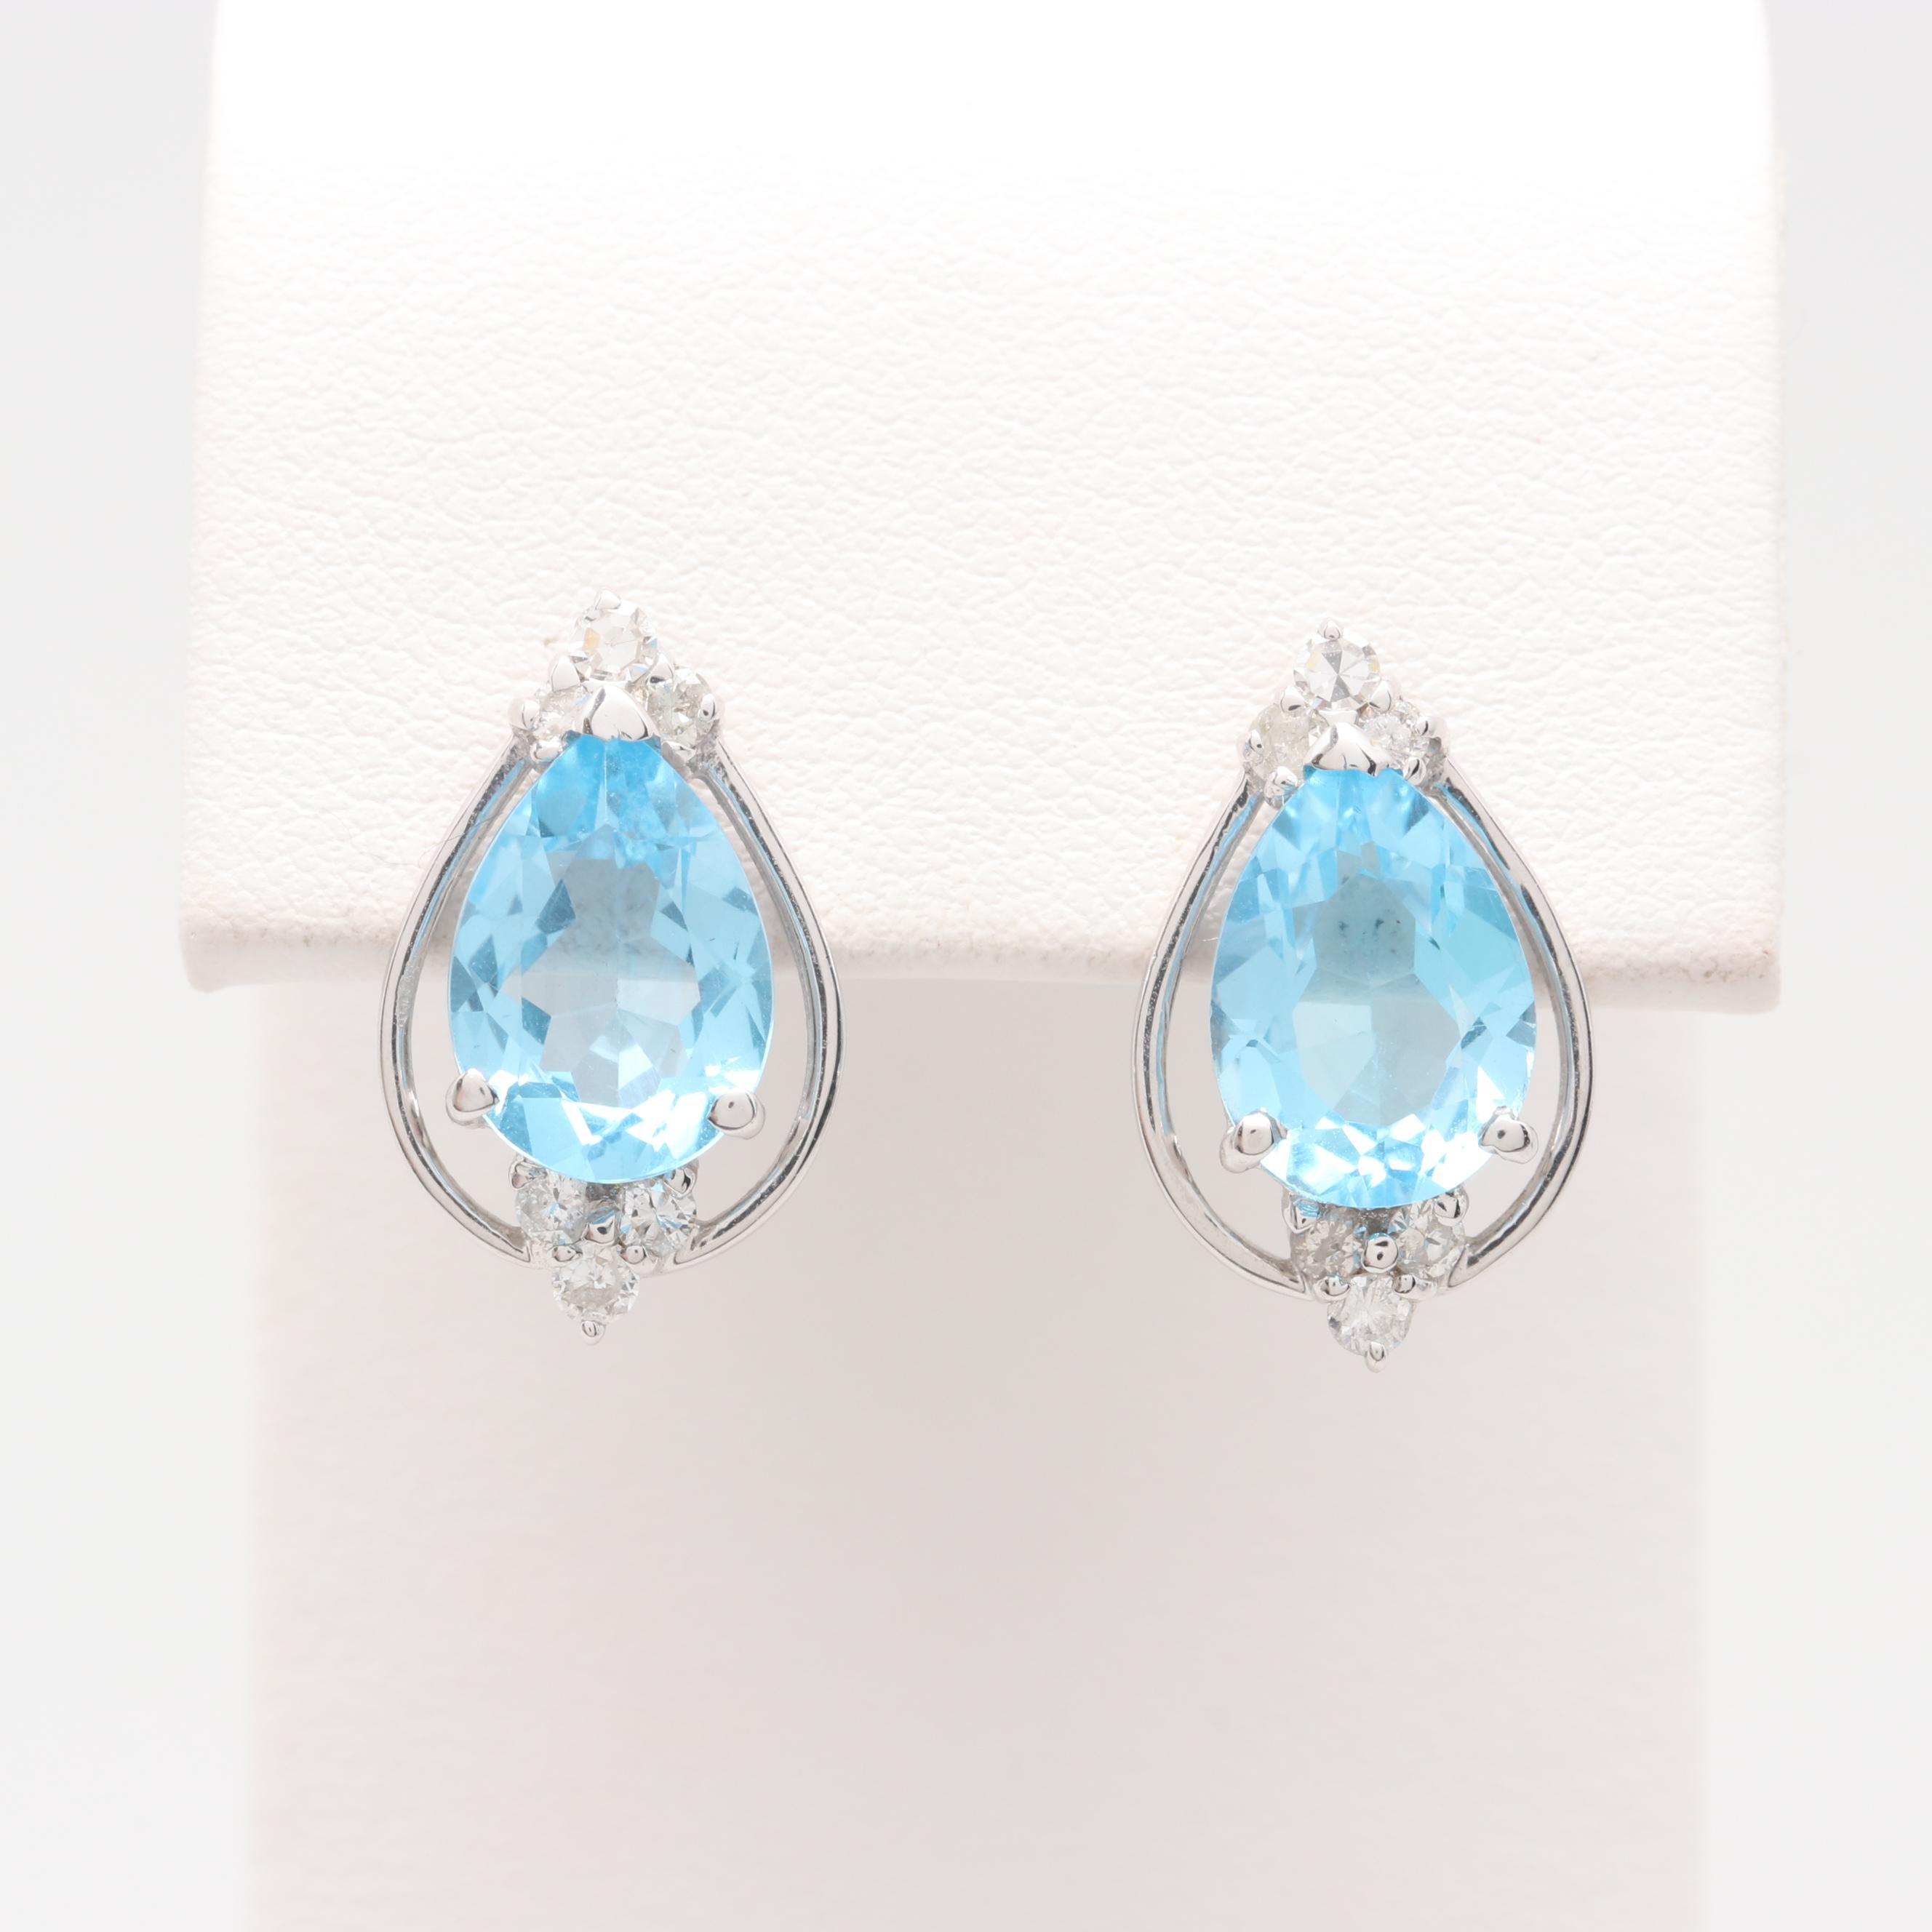 18K White Gold Topaz and Diamond Earrings